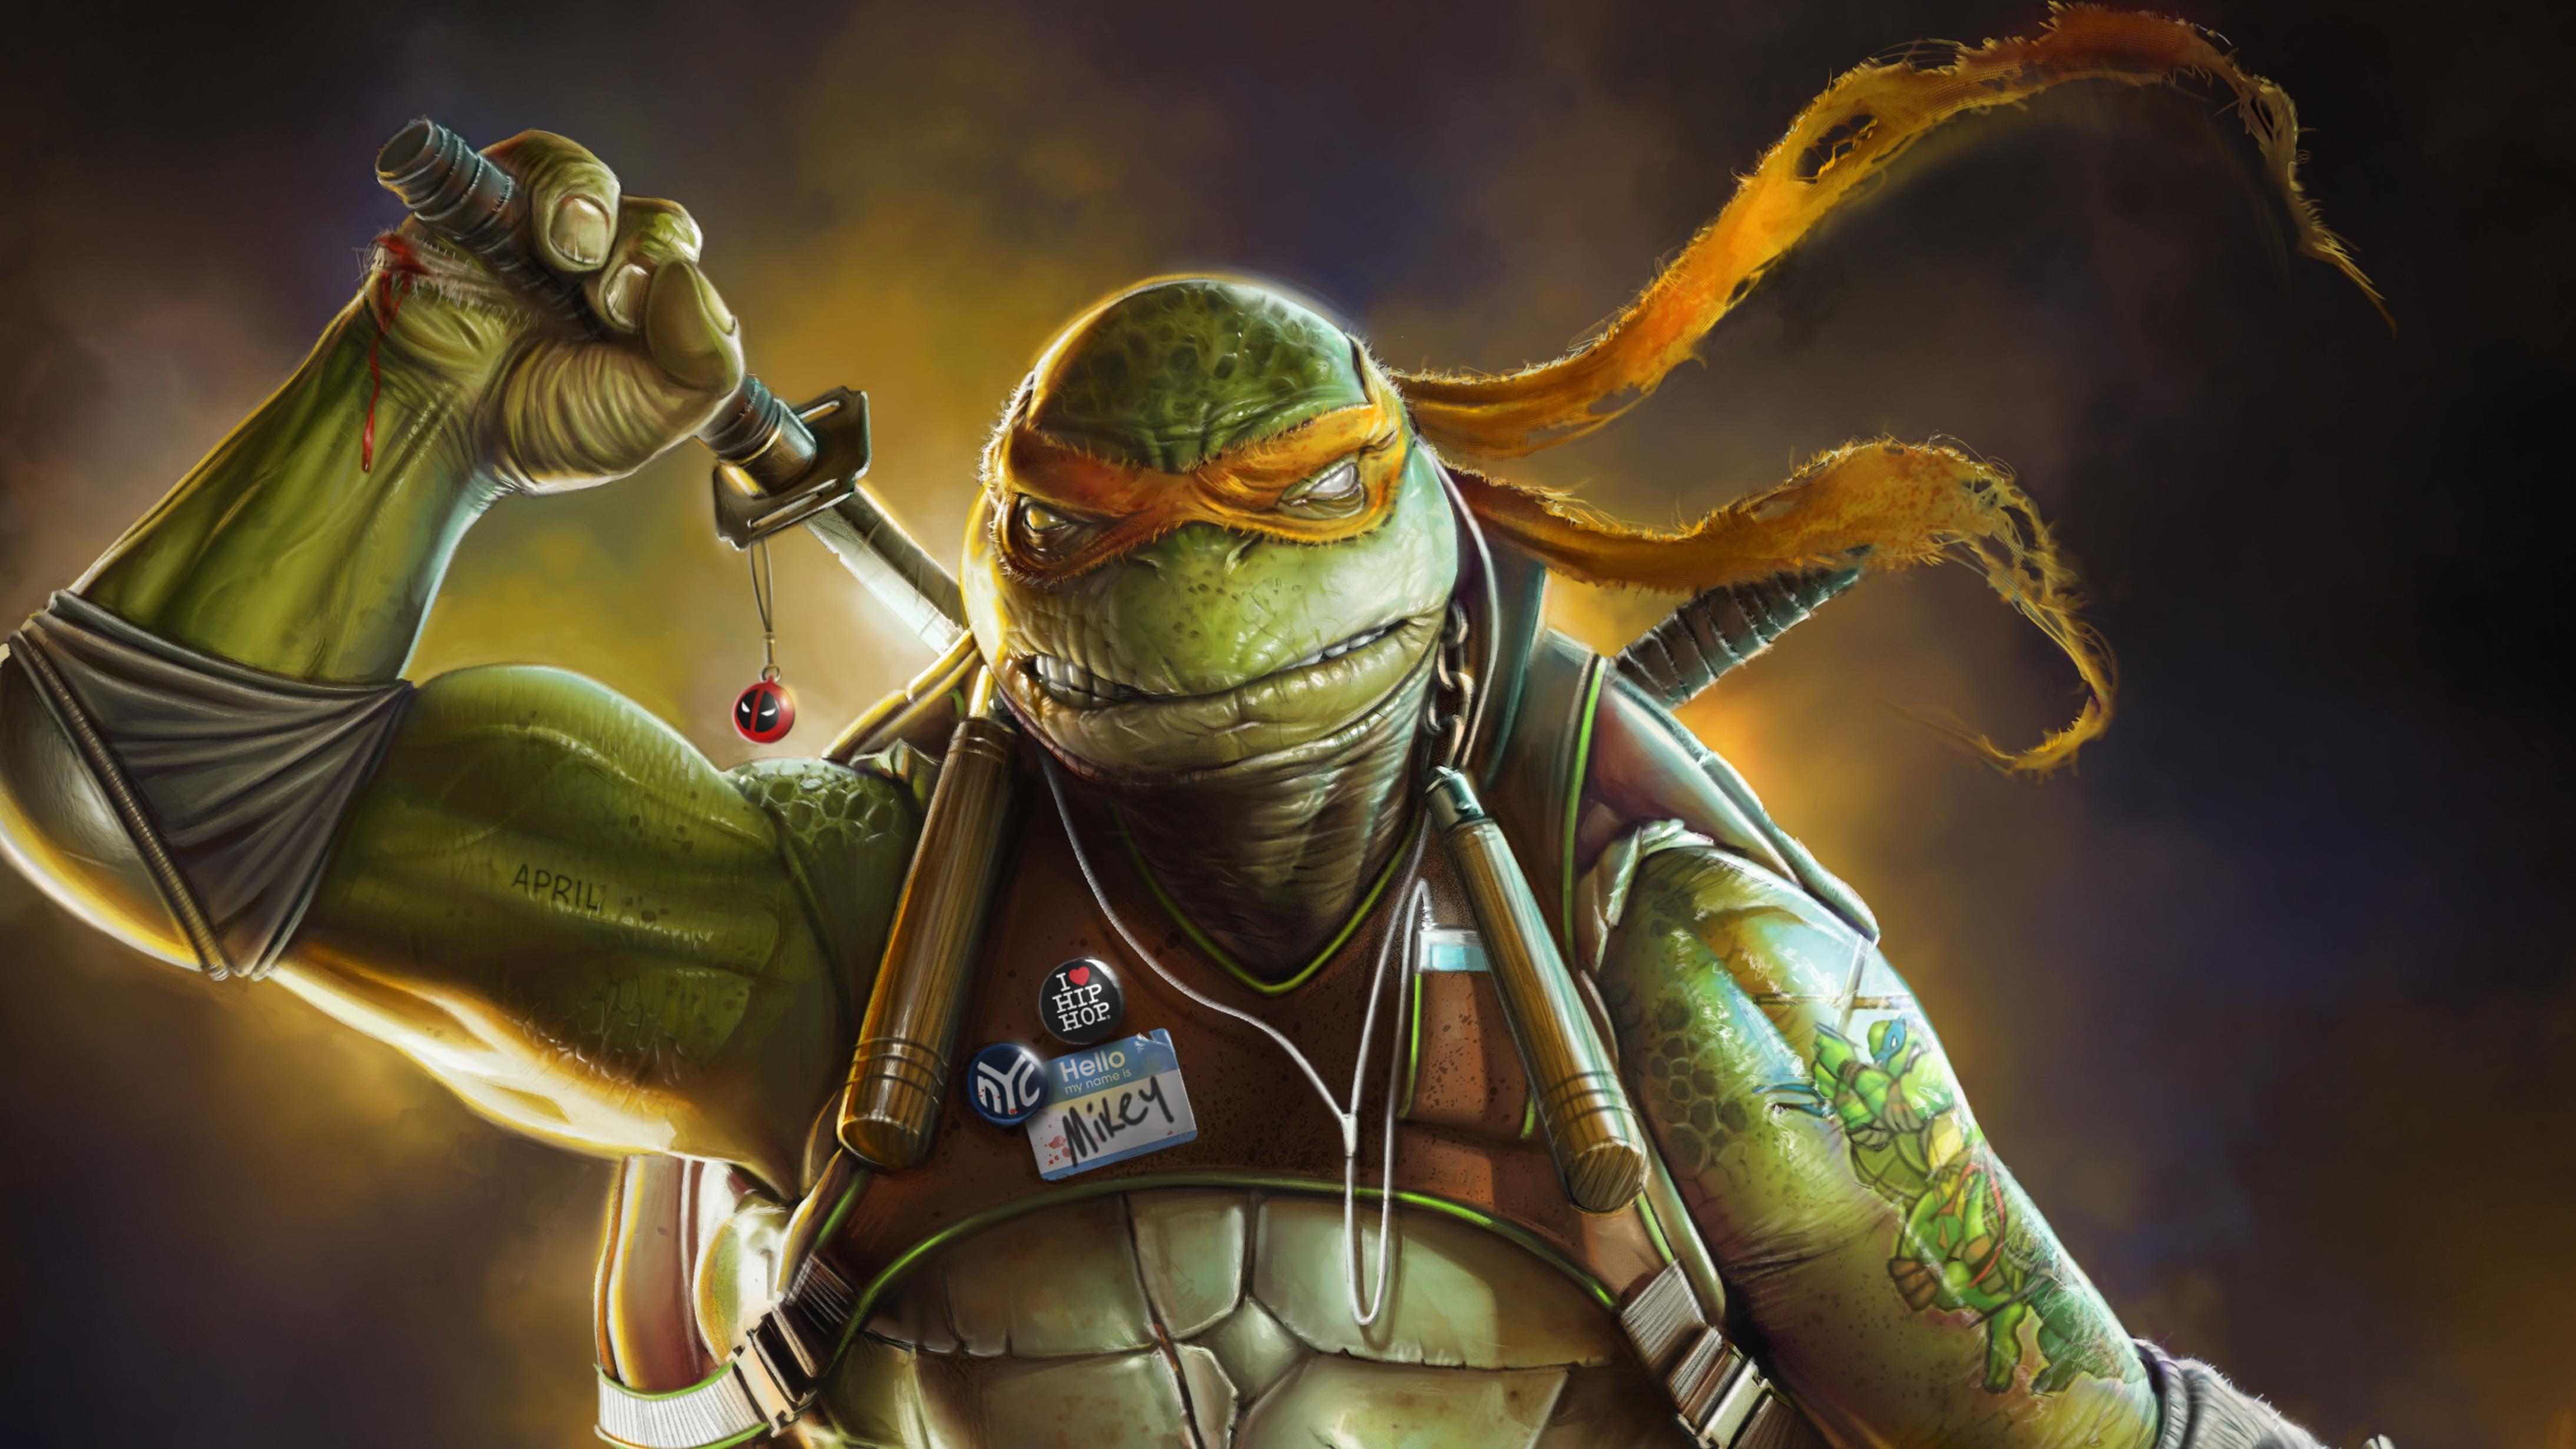 Ninja Turtle Art, HD Superheroes, 4k Wallpapers, Images ...